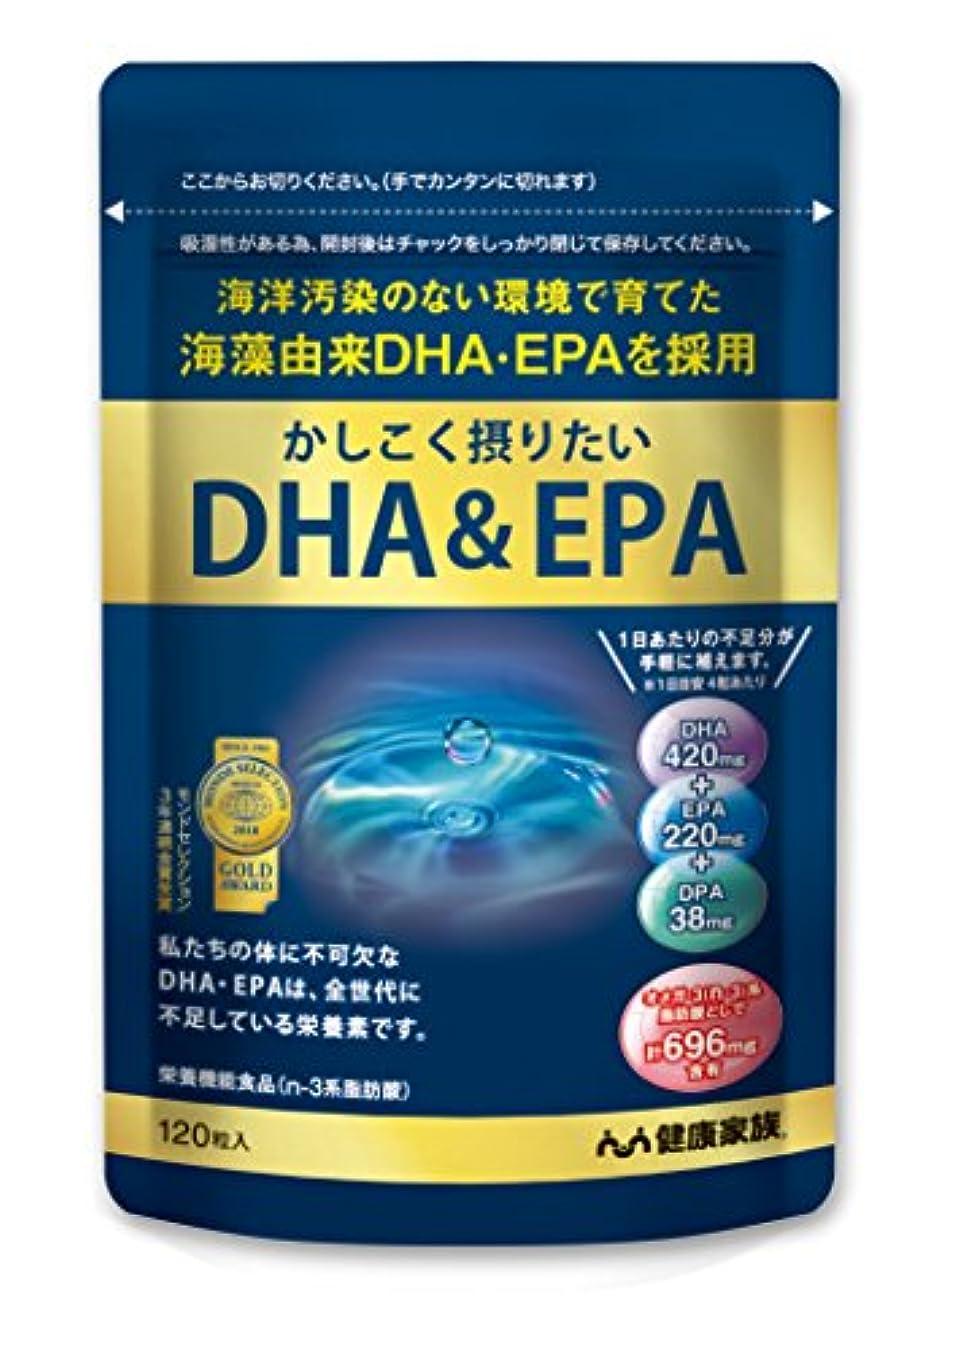 明るくするピア付録【健康家族】 かしこく摂りたいDHA&EPA (1粒の内容量334mg×120粒)